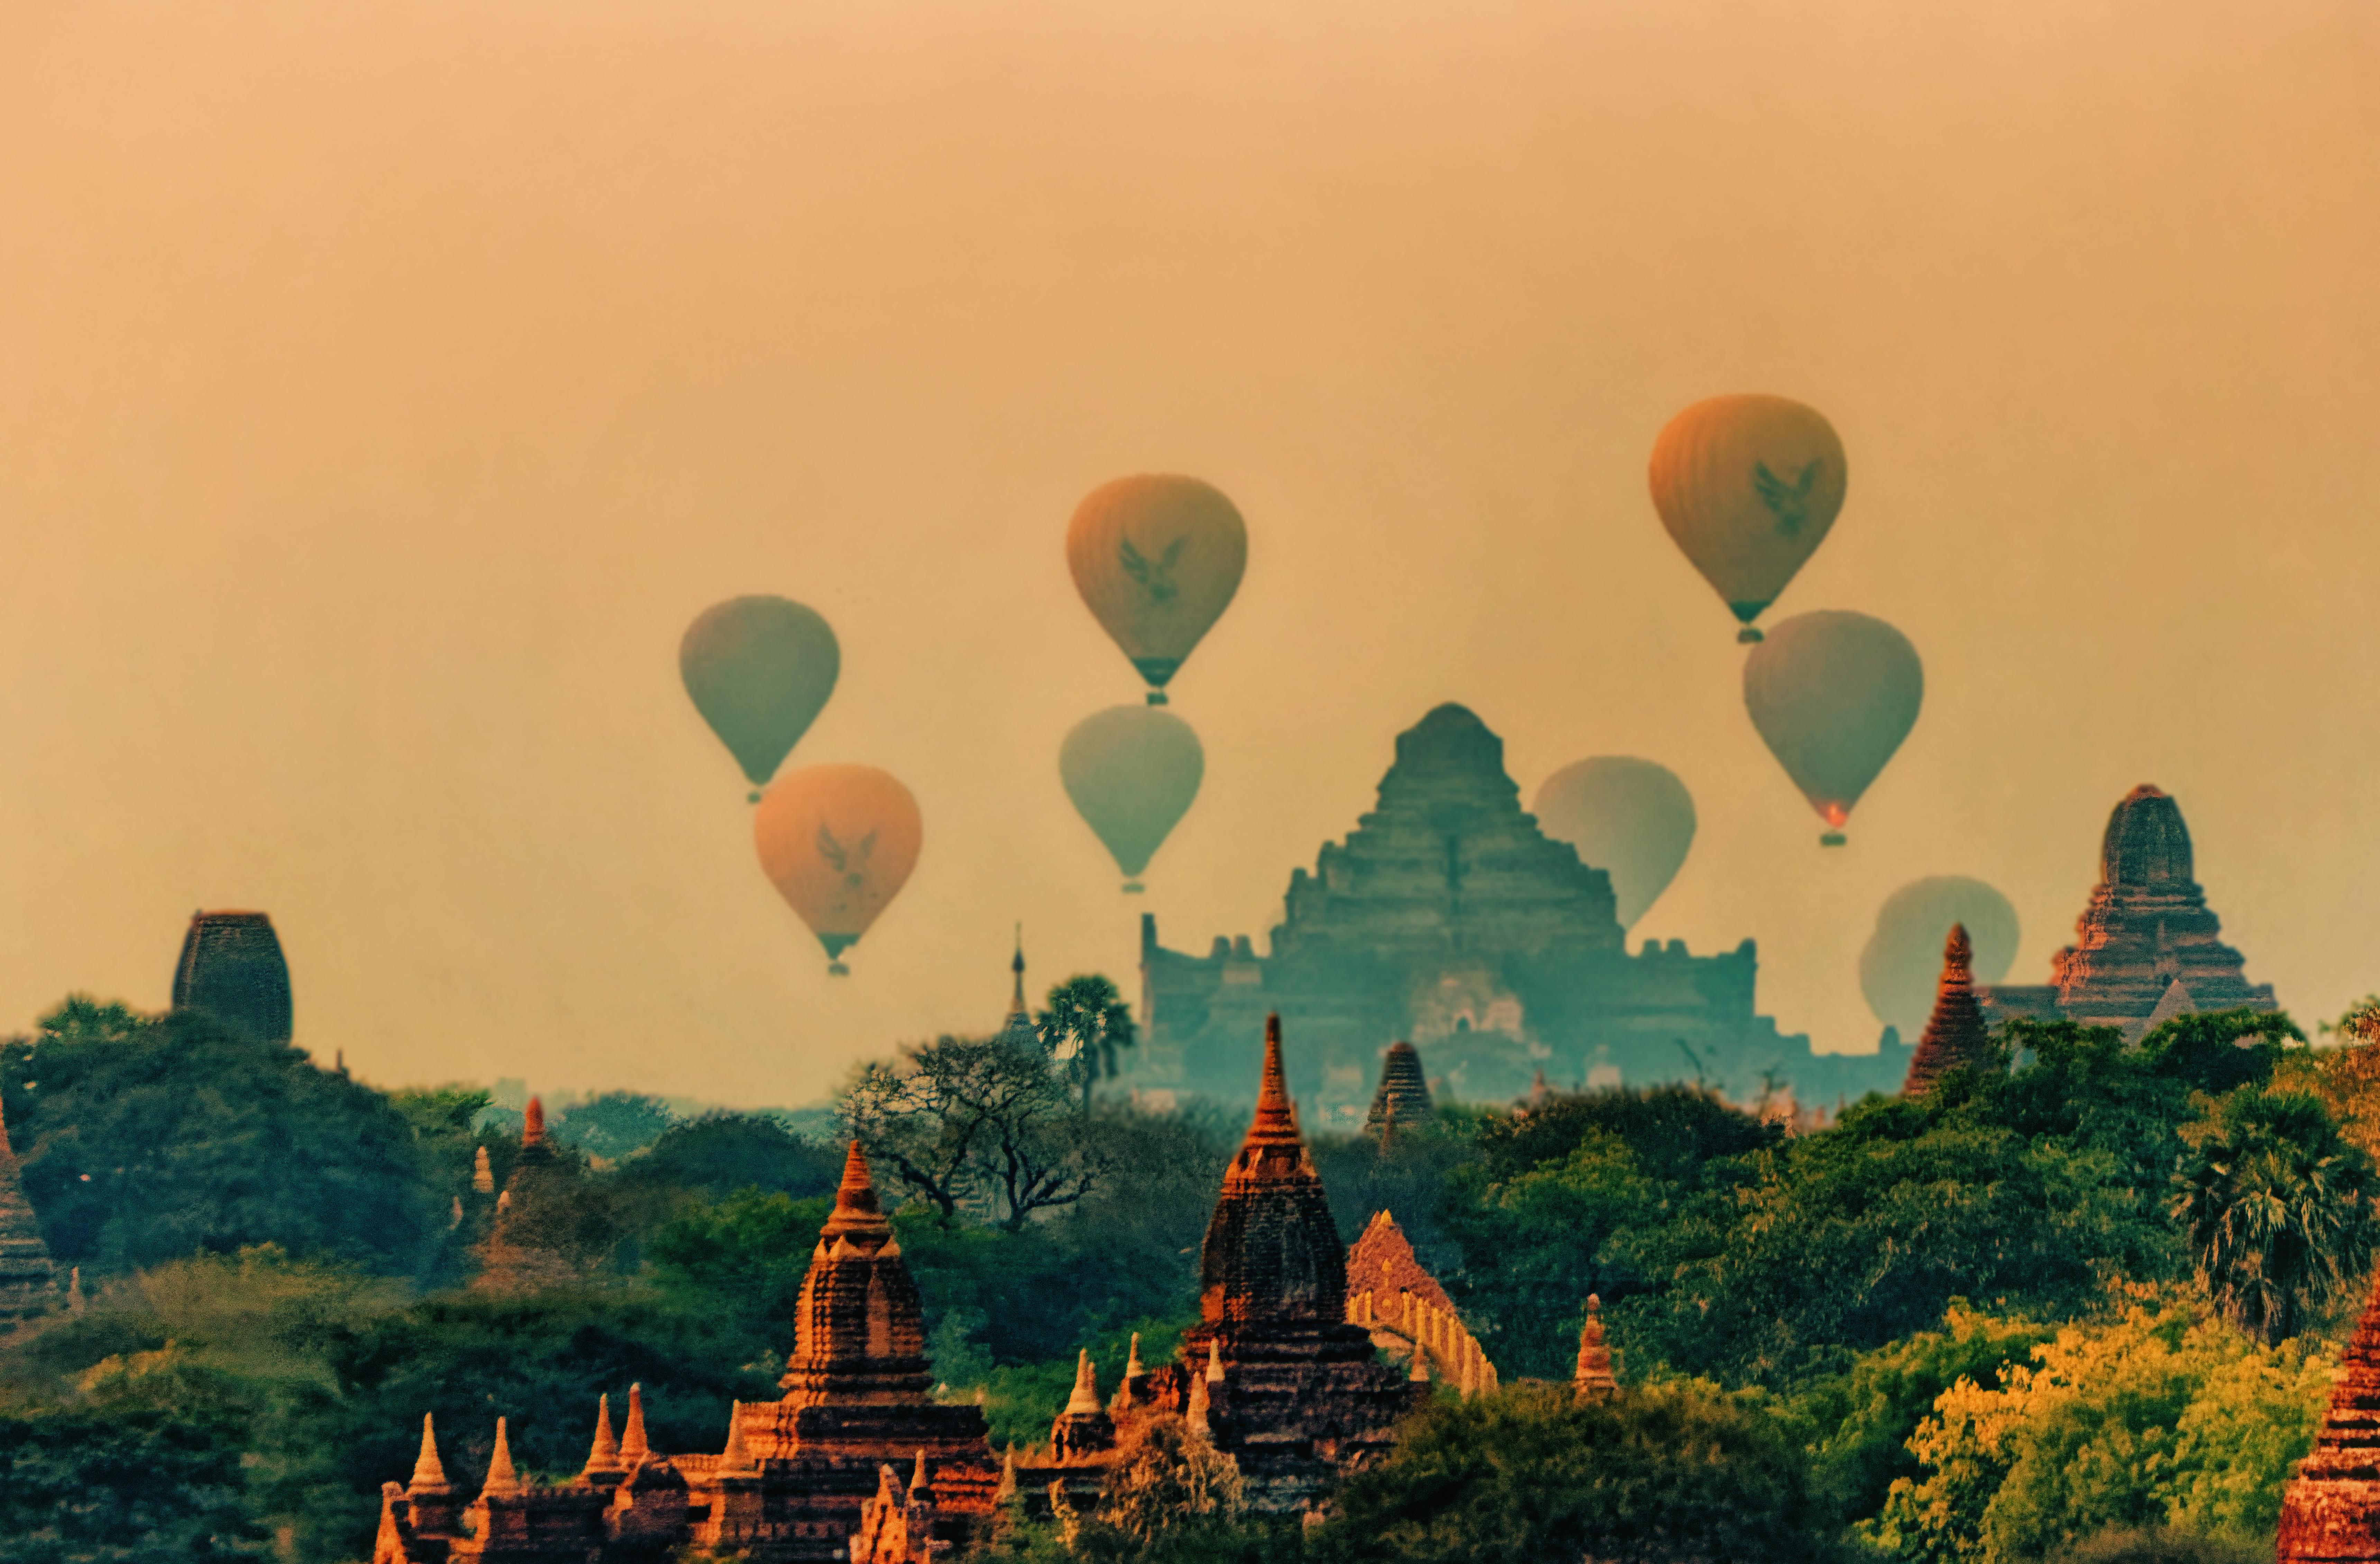 Balloon ride through pagodas